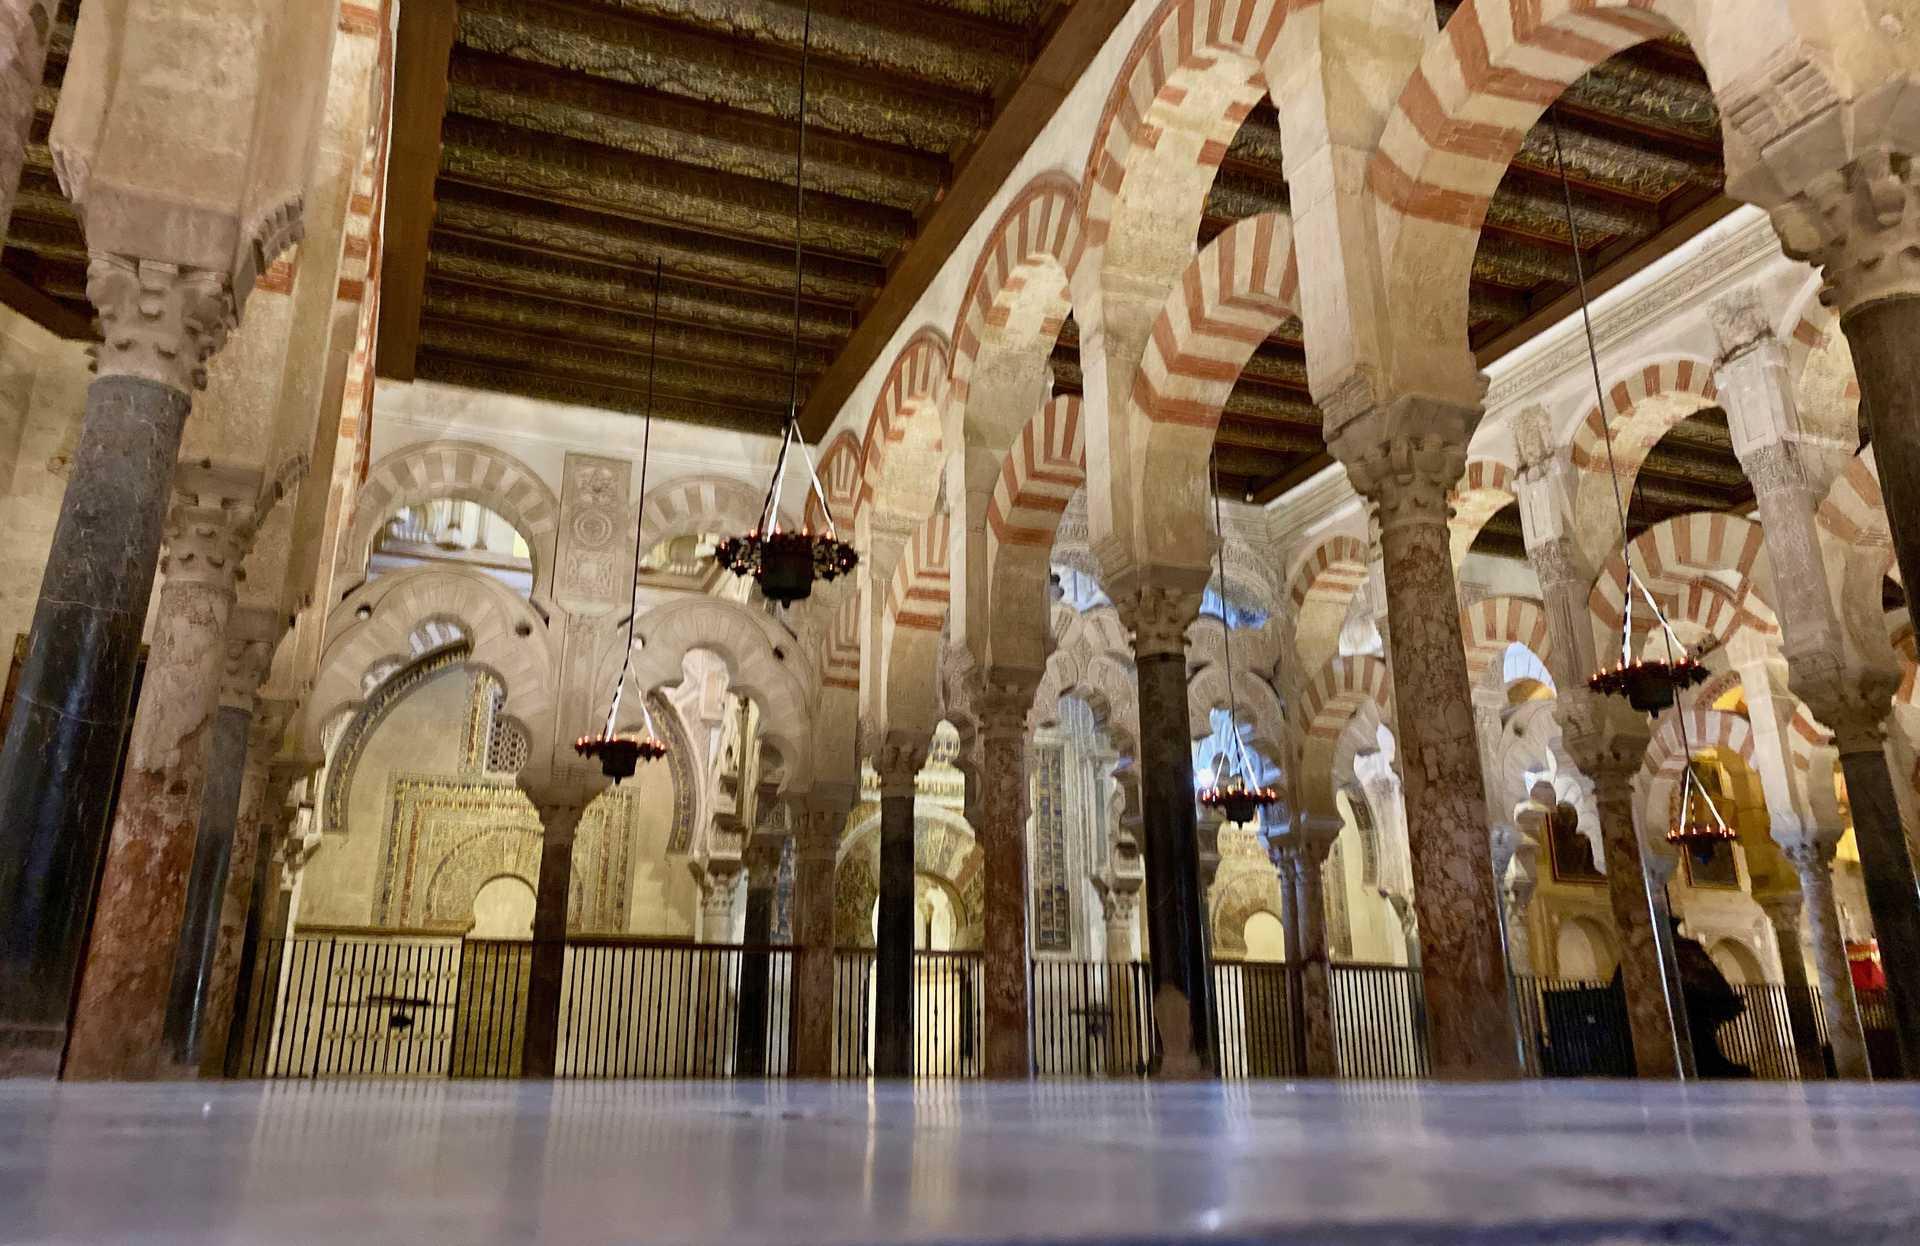 Visita guiada gratuita por el Casco Histórico de Córdoba al contratar una de nuestras visitas guiadas